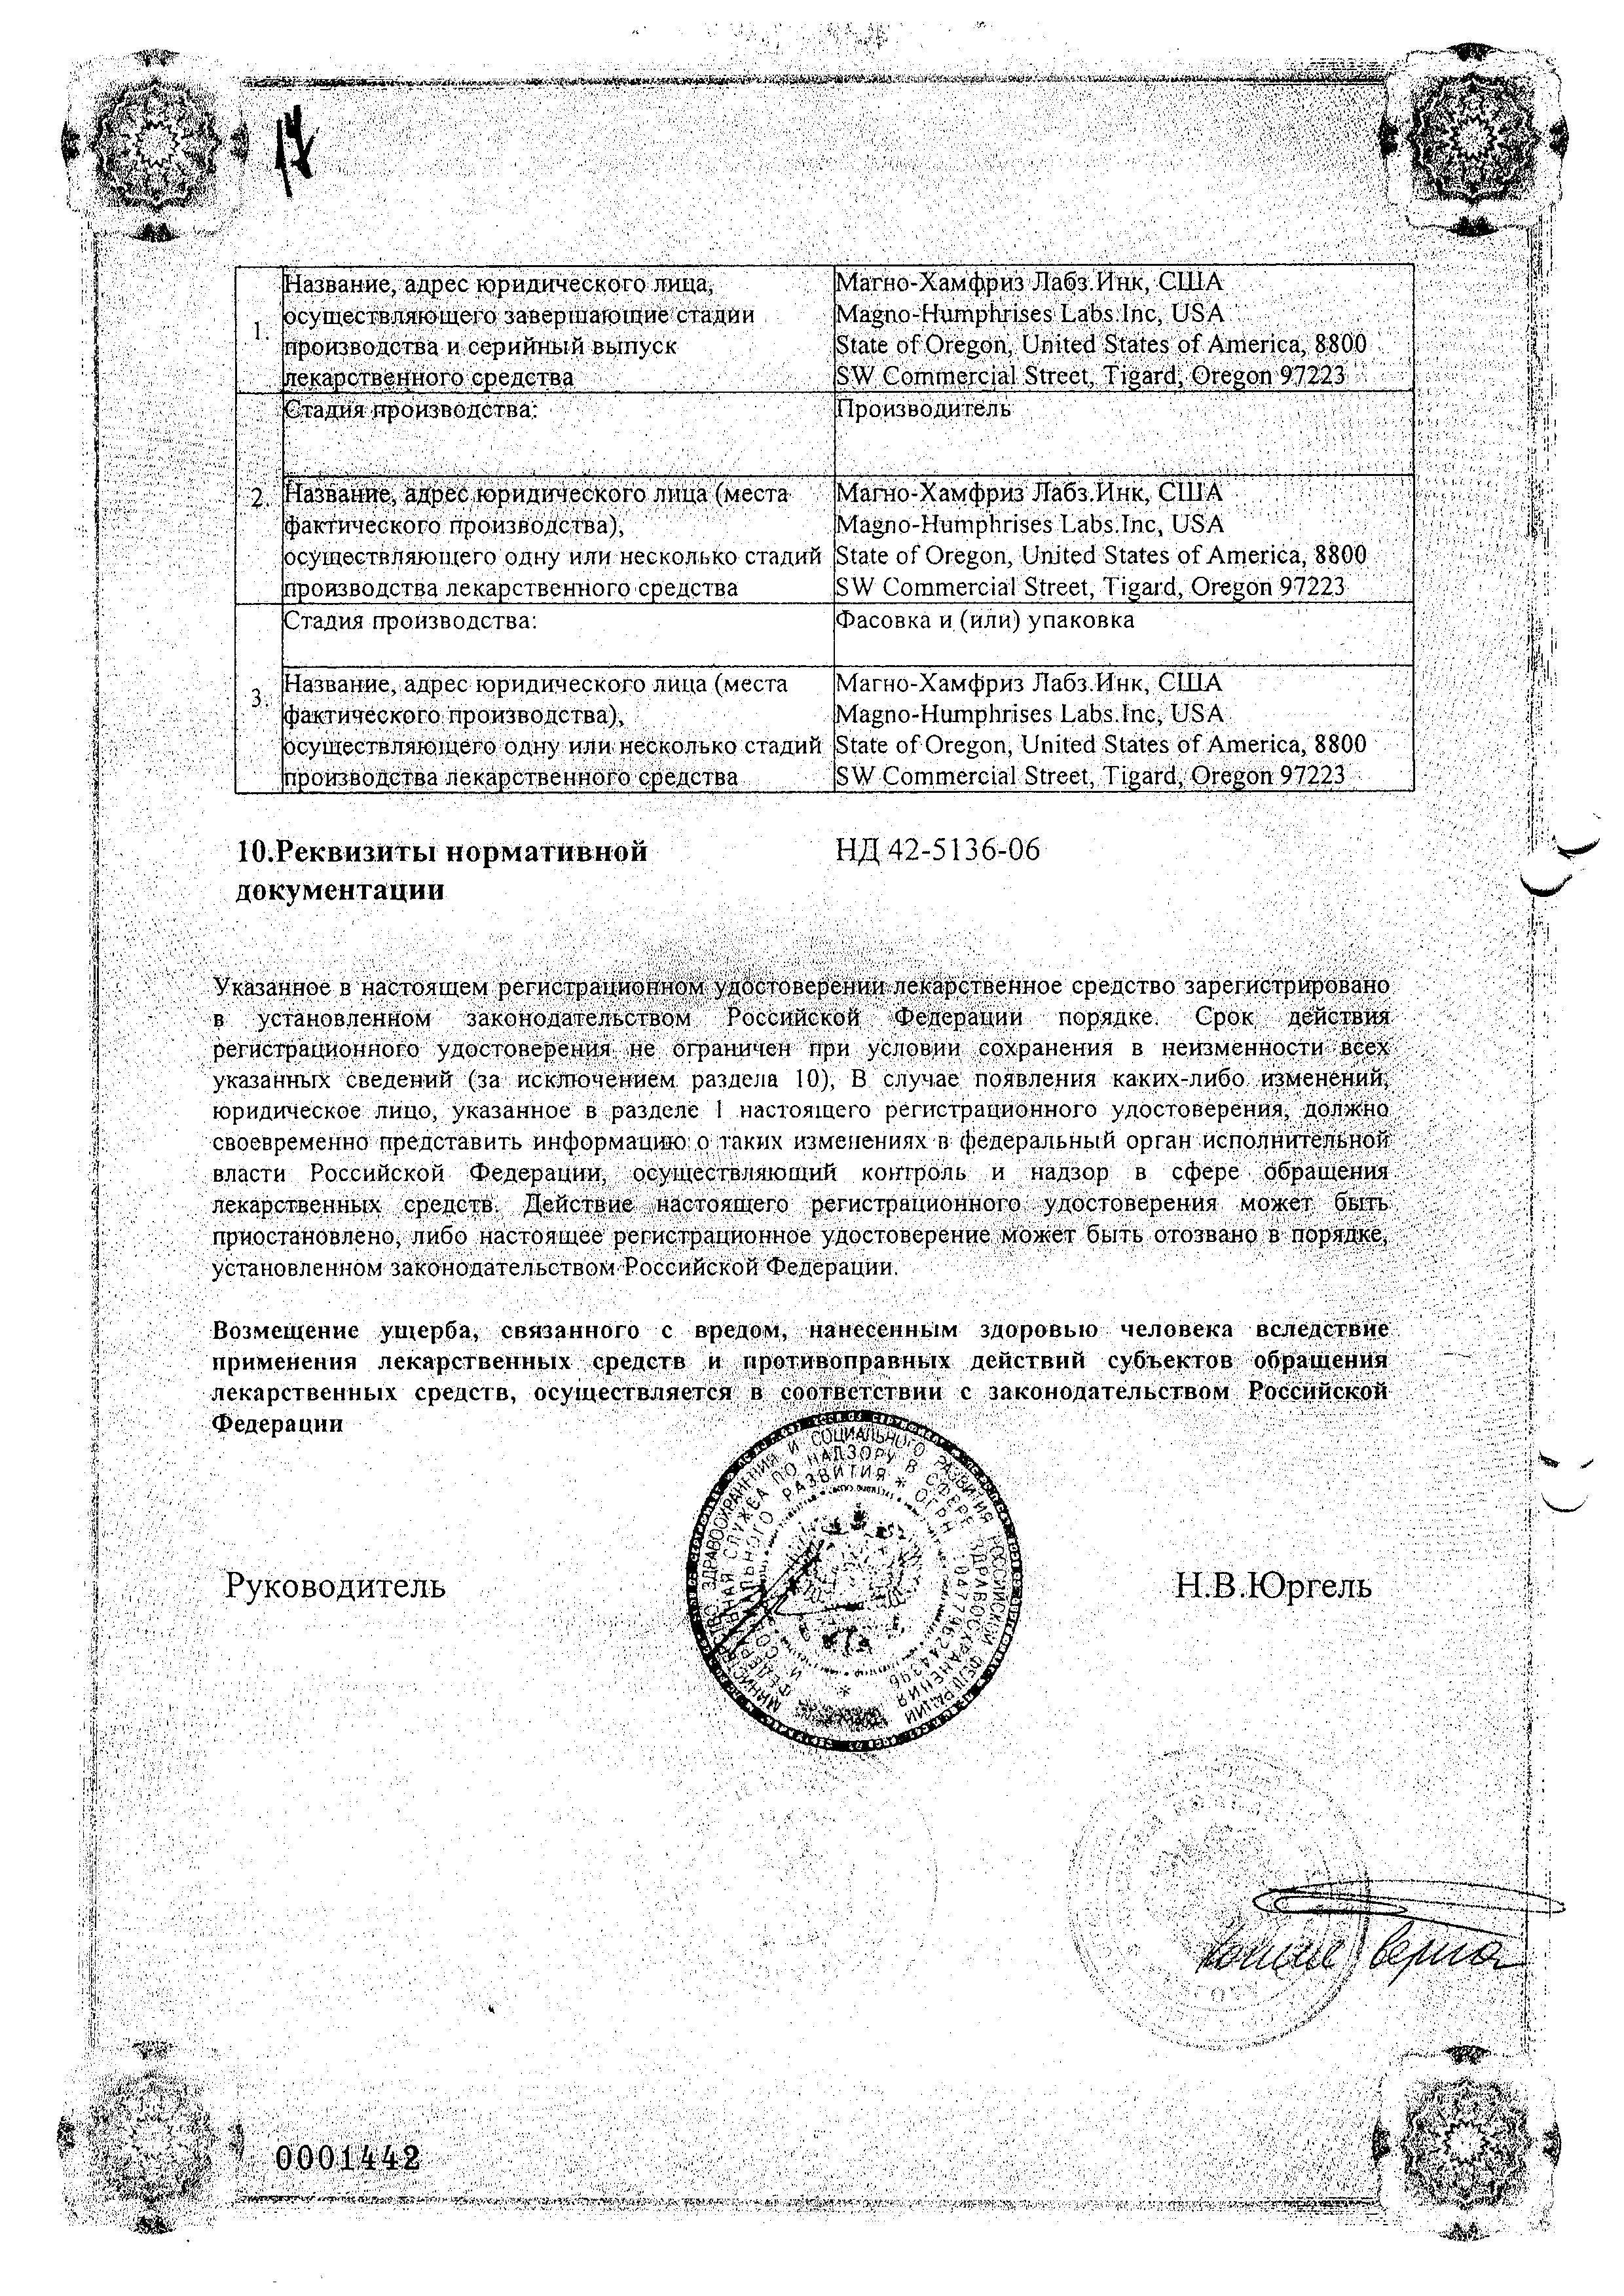 Мигренол сертификат